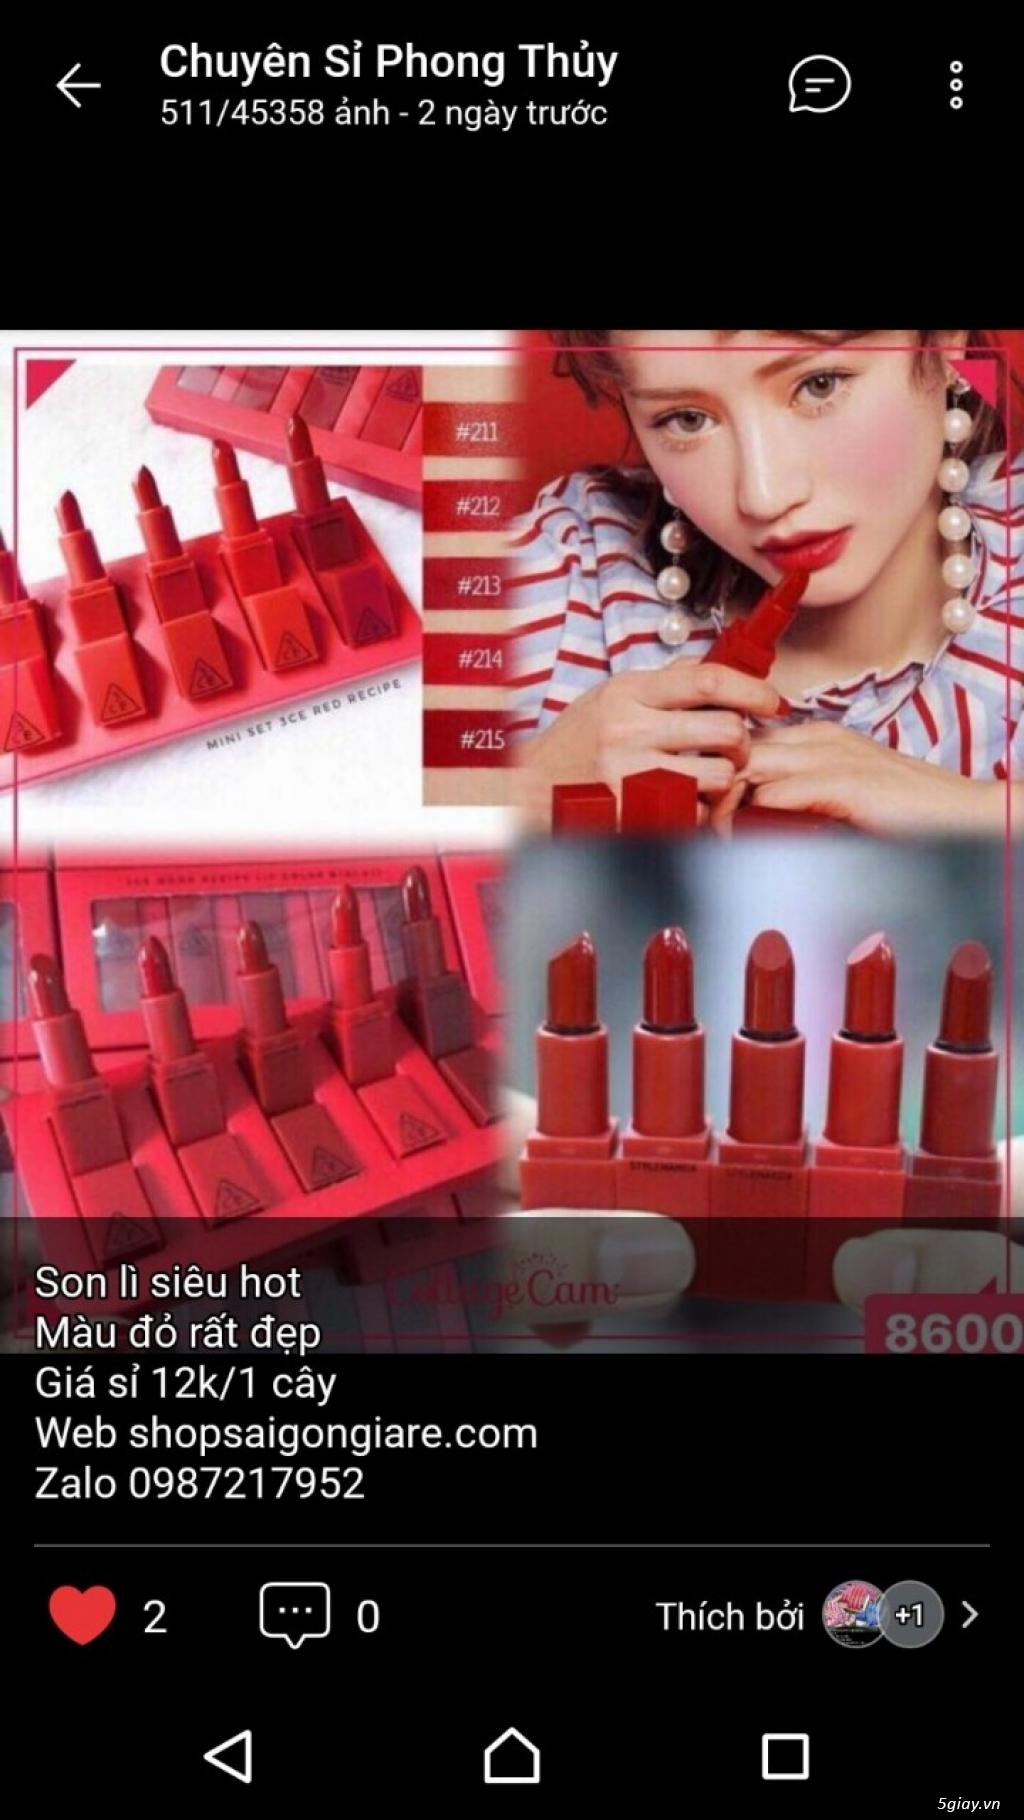 Shop sỉ mỹ phẩm, son môi, nước hoa, son thỏi, son kem, son xăm - 6